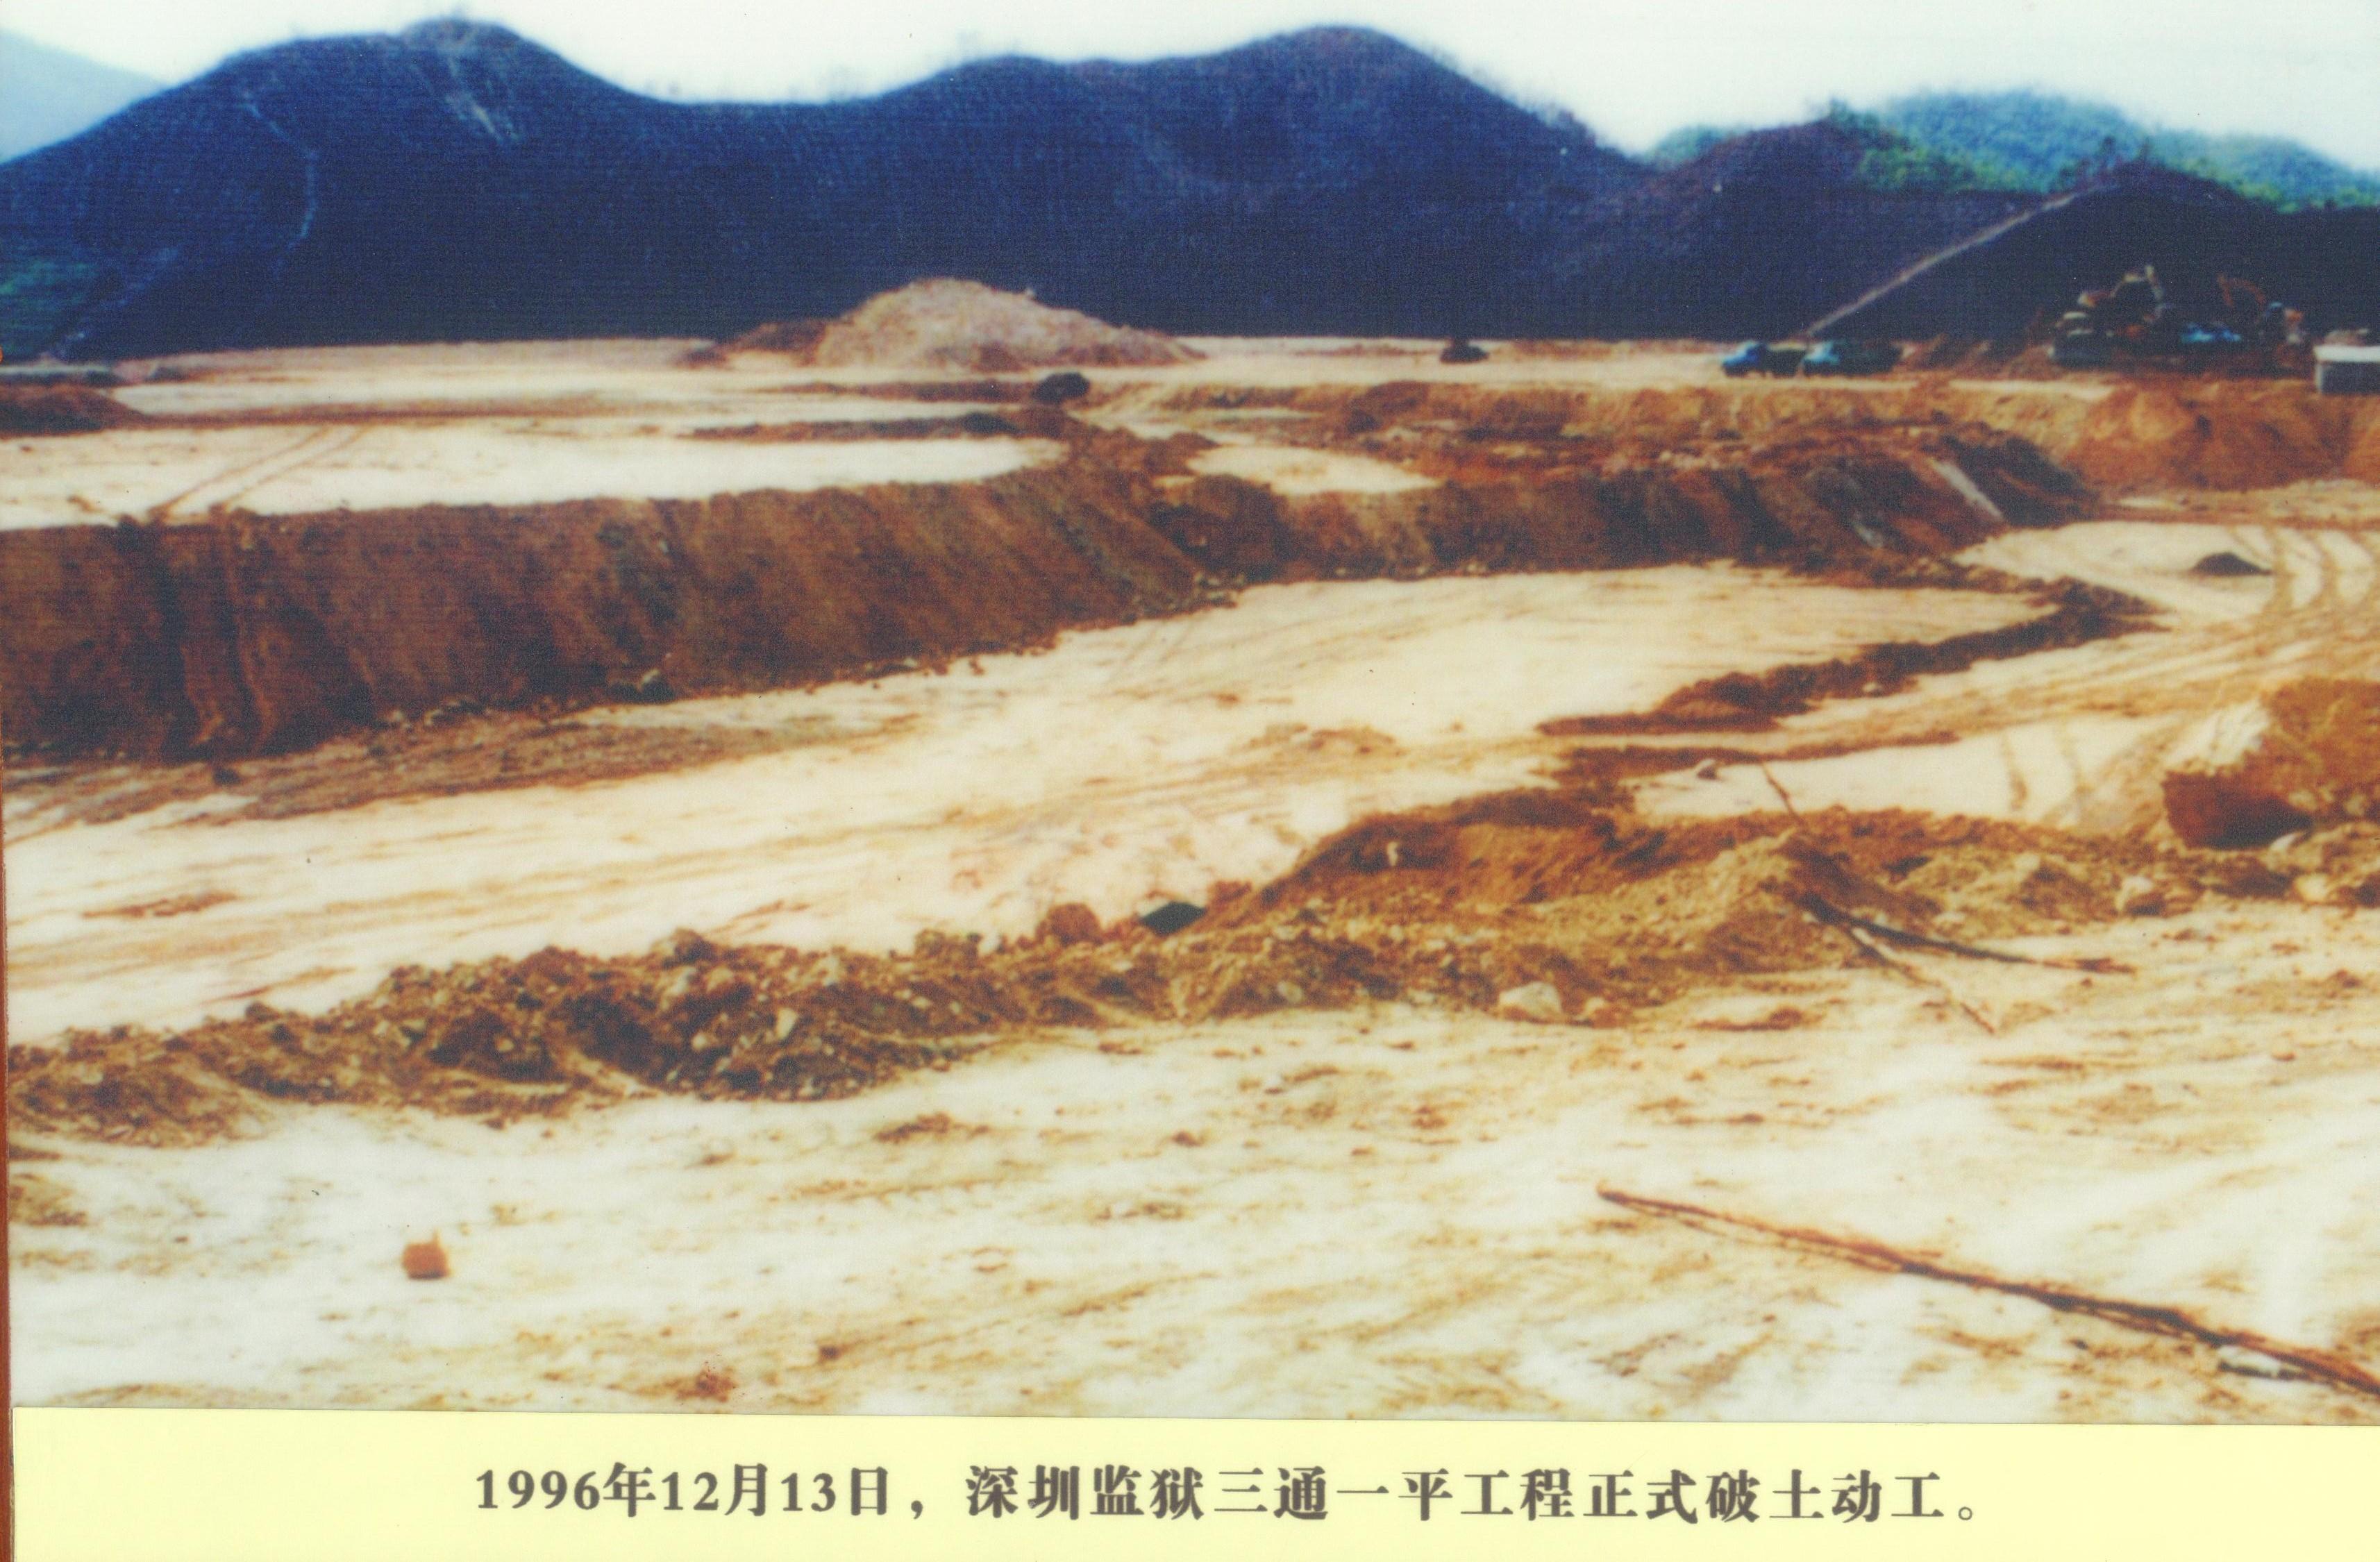 深圳特区40年|特区监狱激情燃烧的岁月,有你的回忆吗?